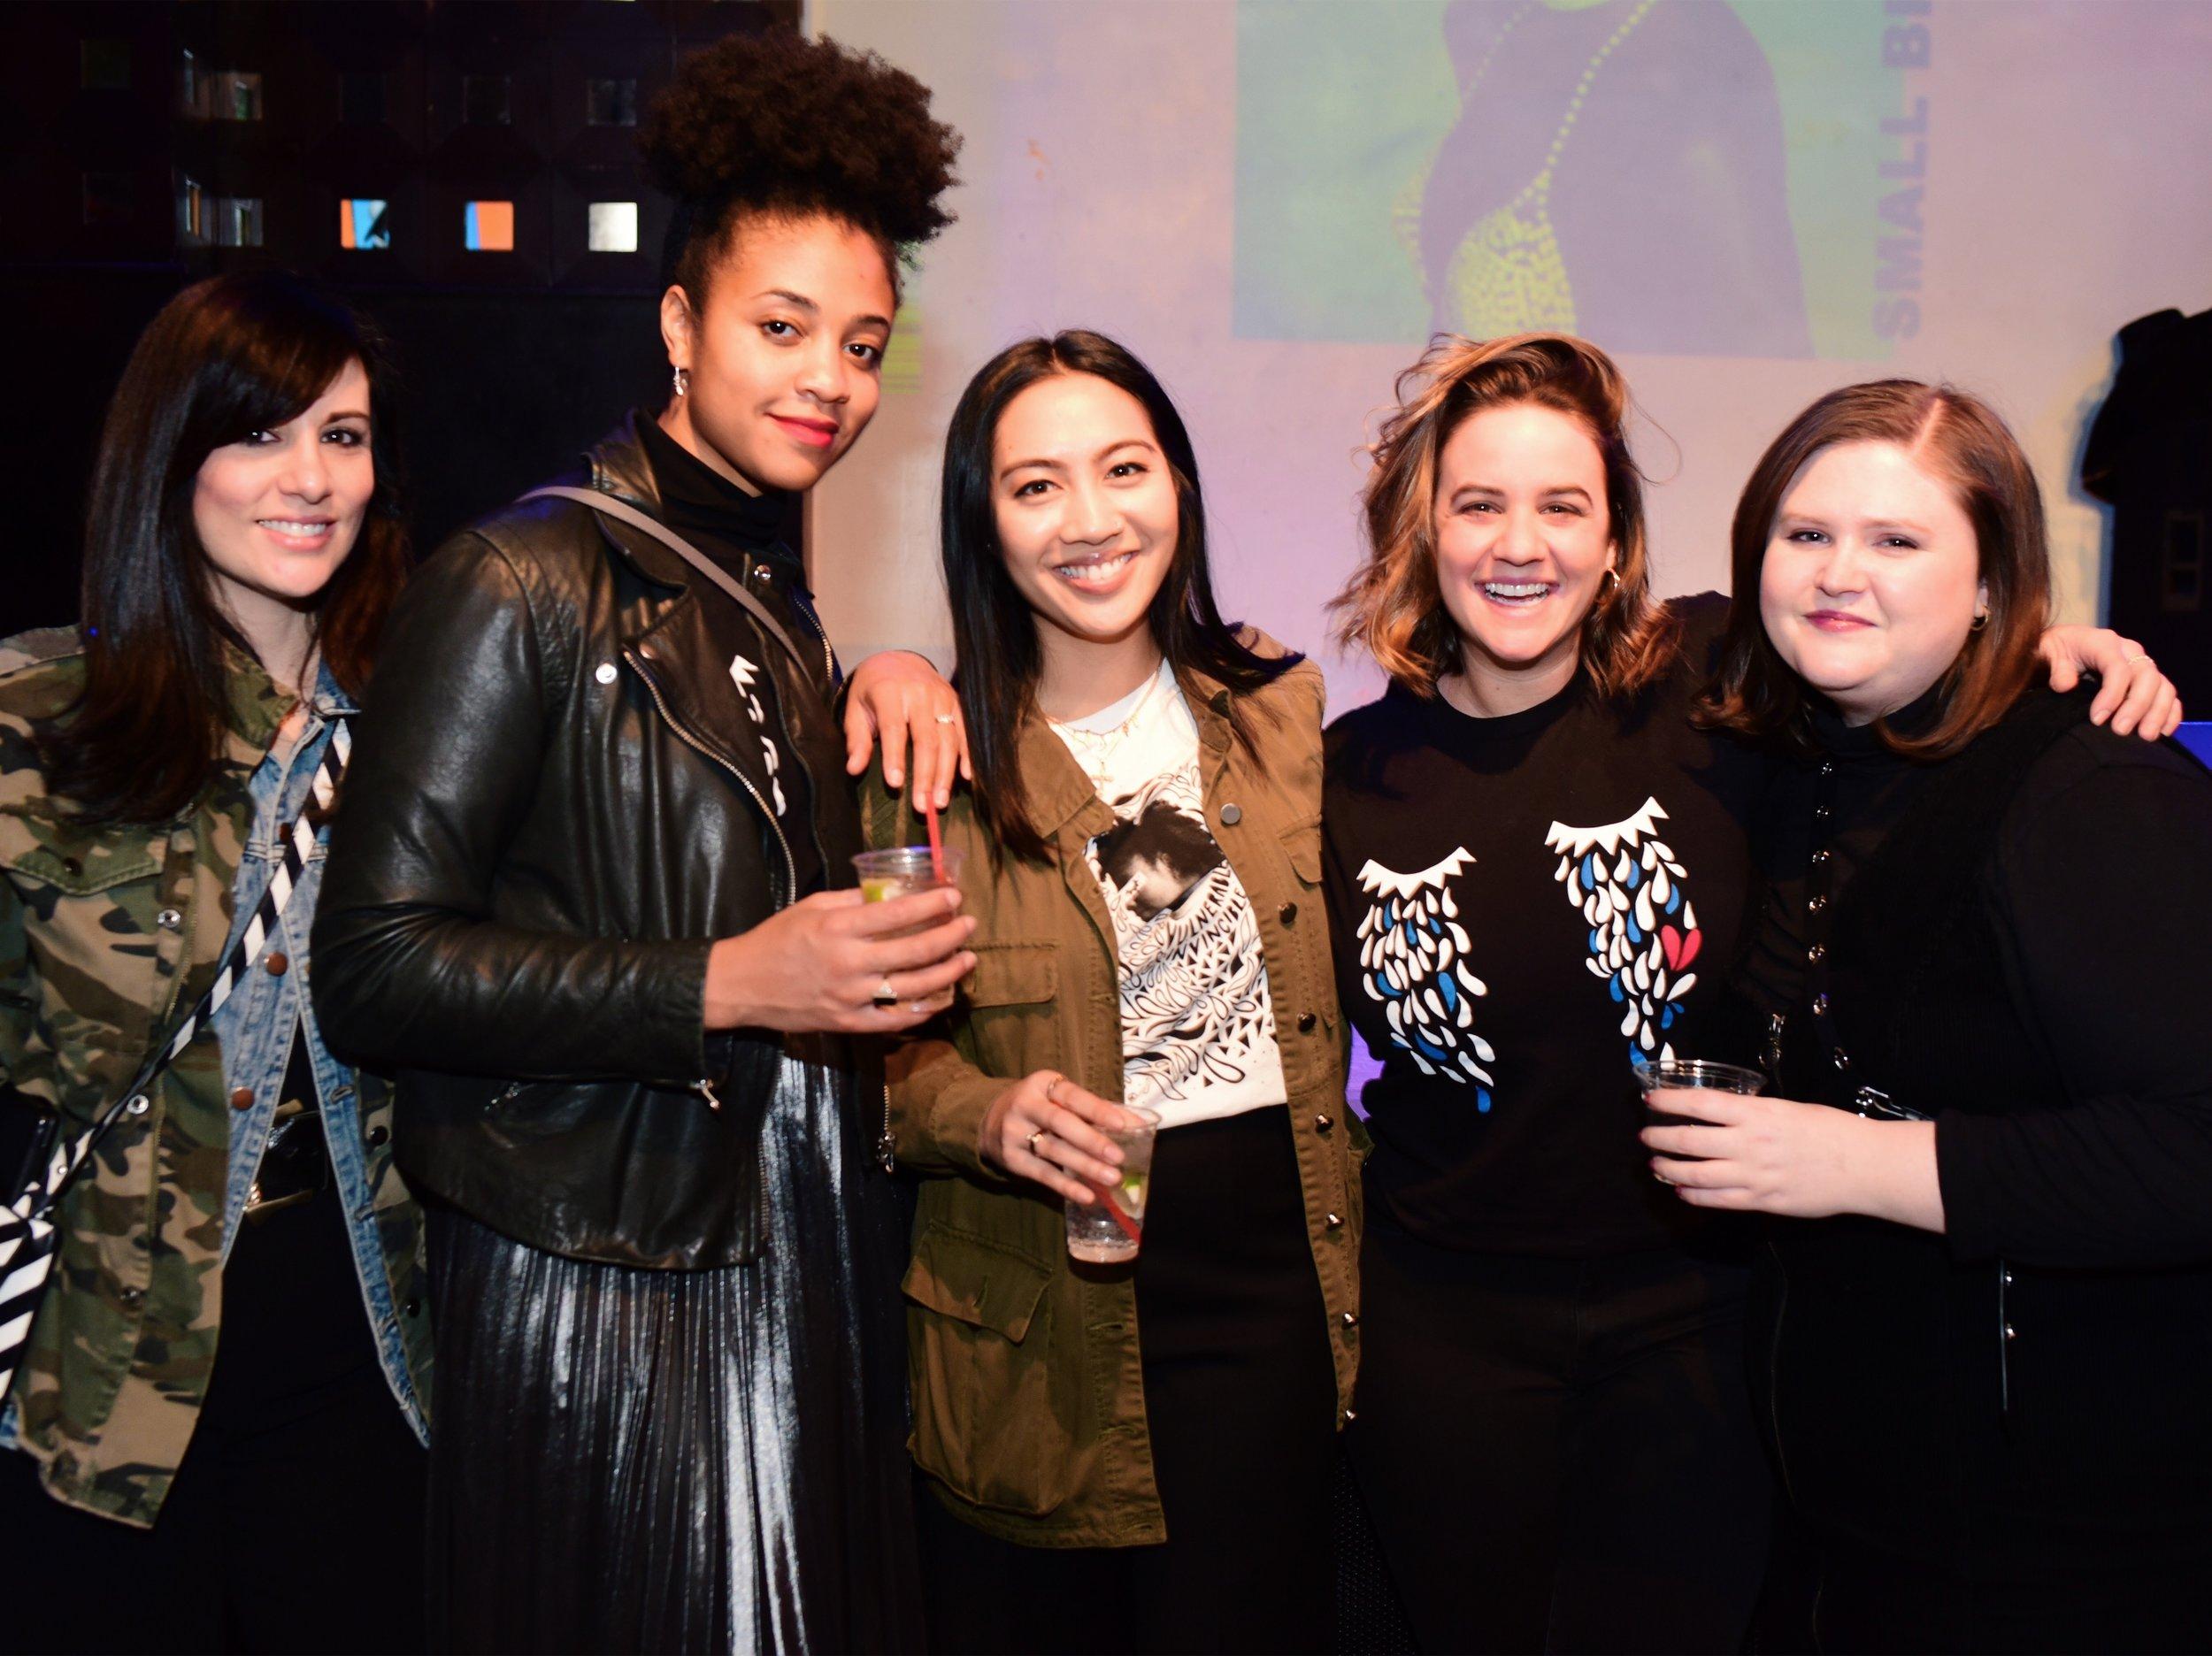 February 9, 2019 • SOBs in NY, NY • Ladoru's first NYFW runway show!